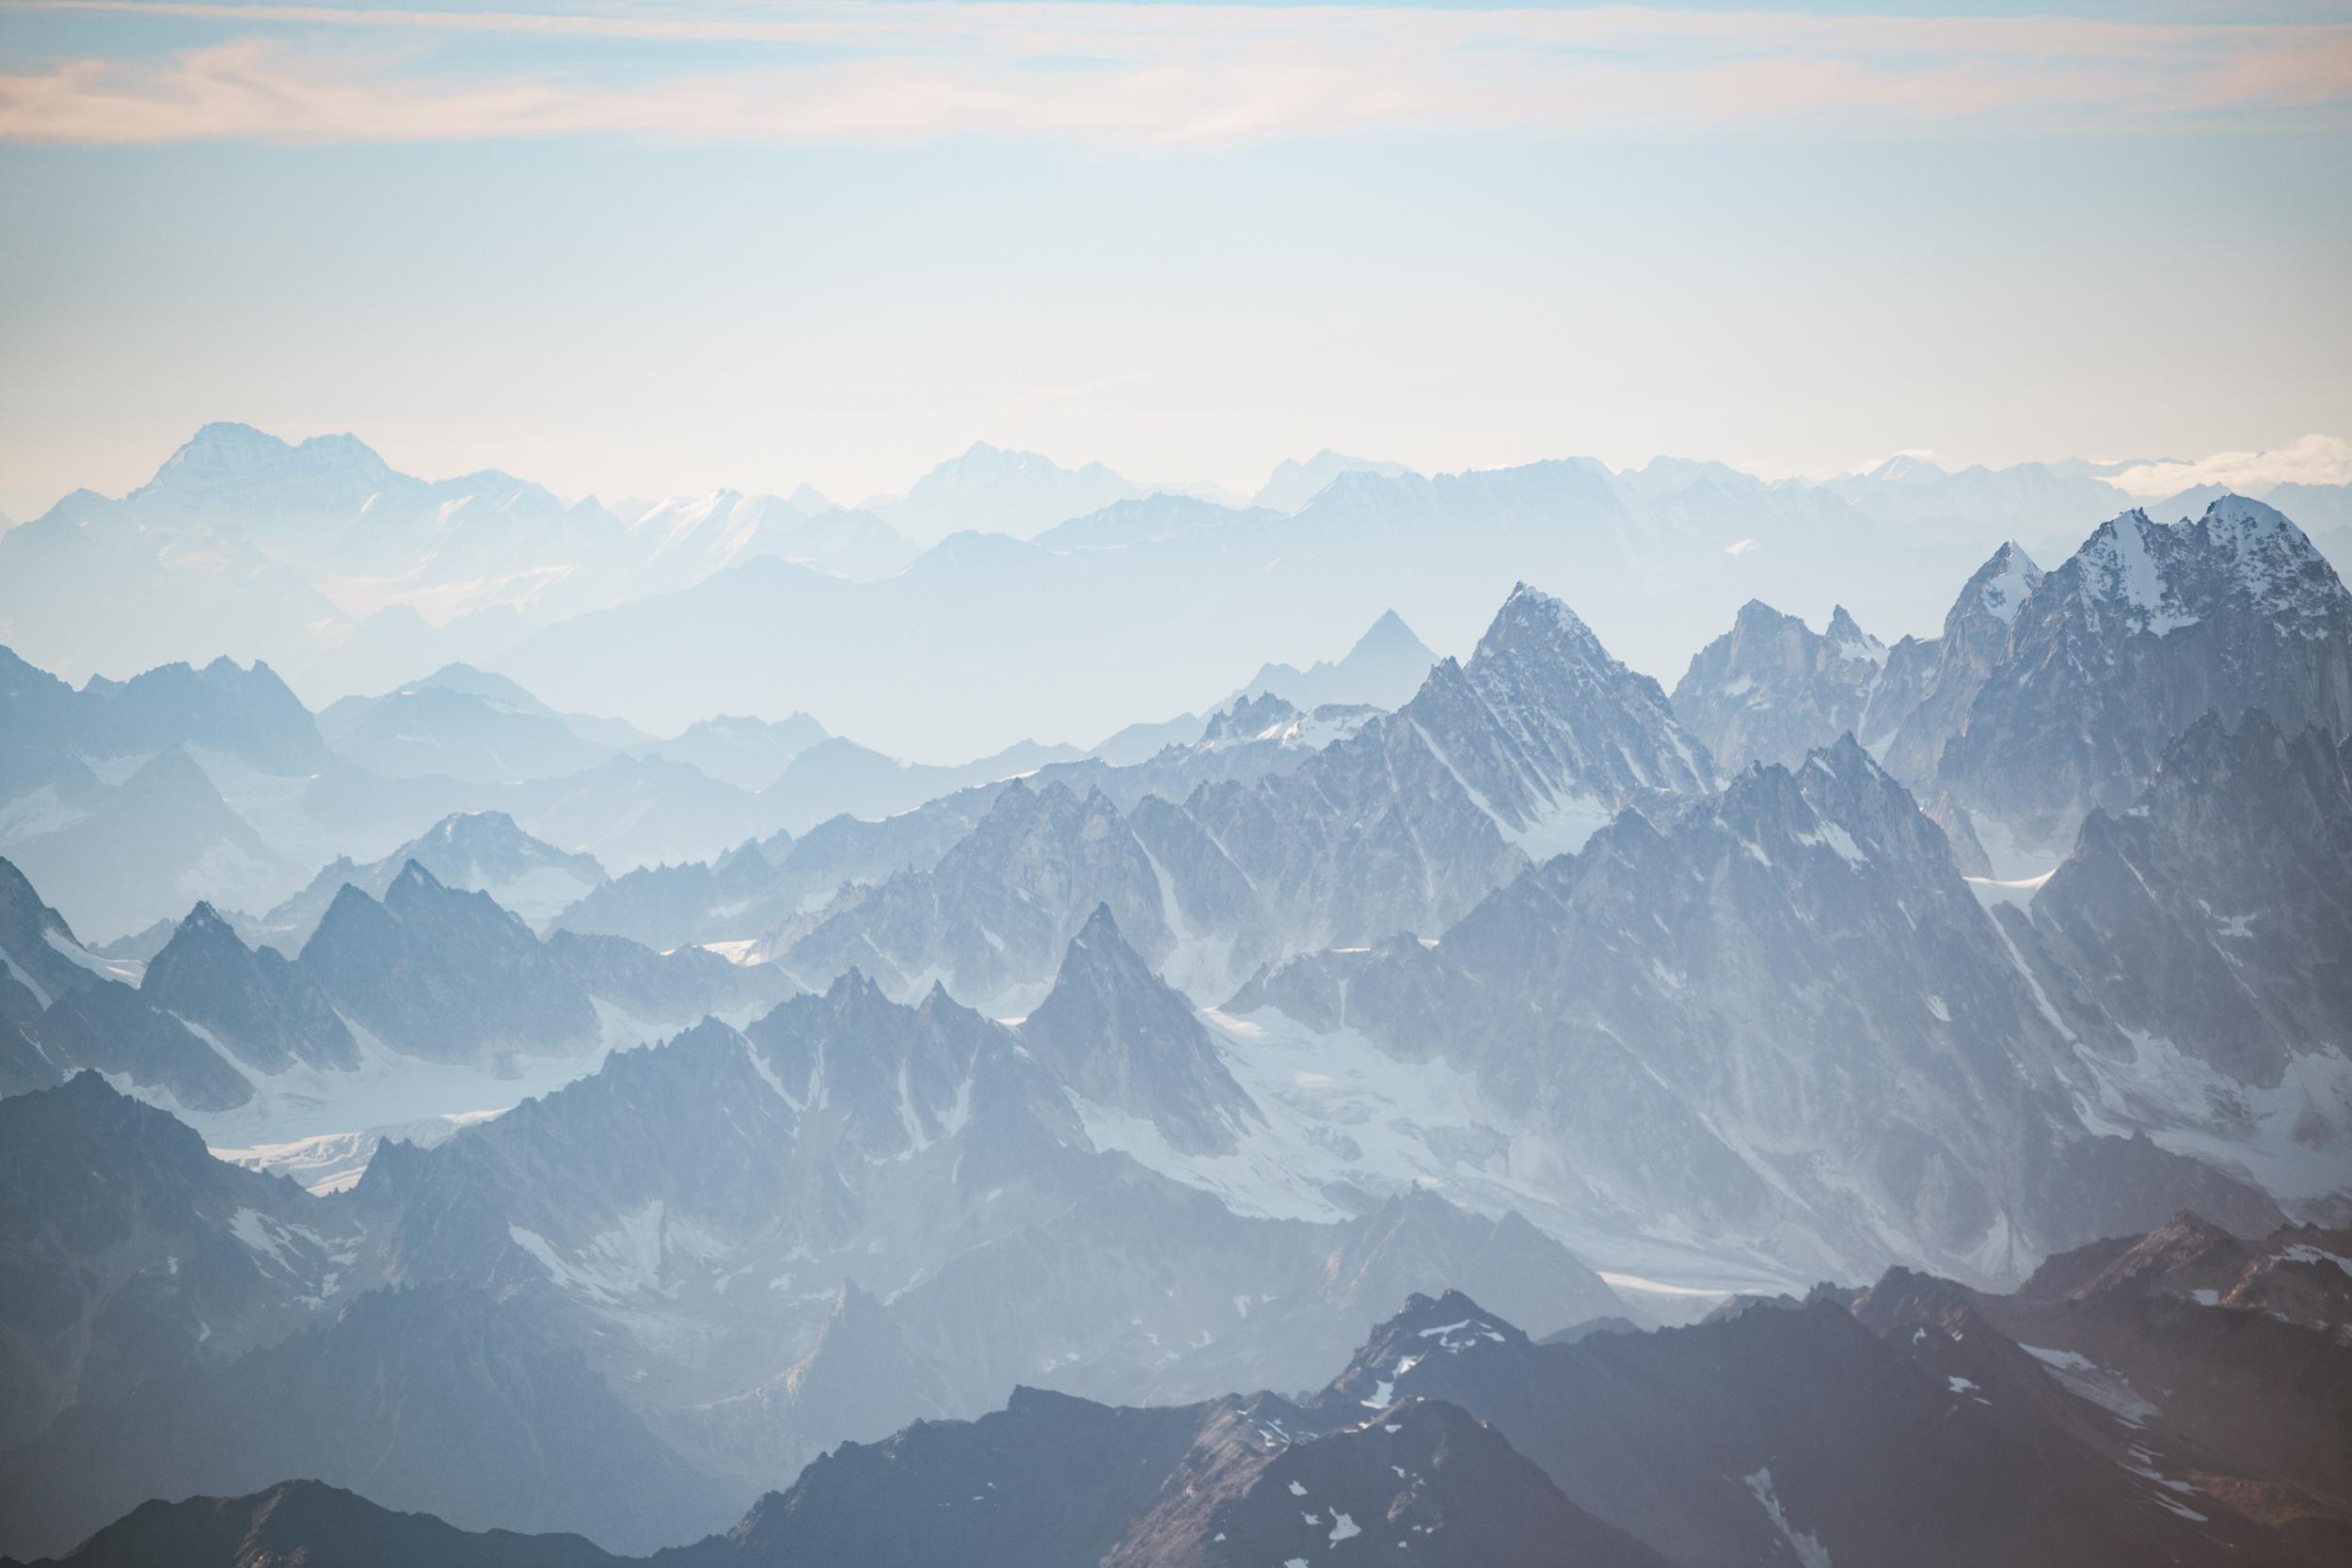 Peaks of the Alaska Range